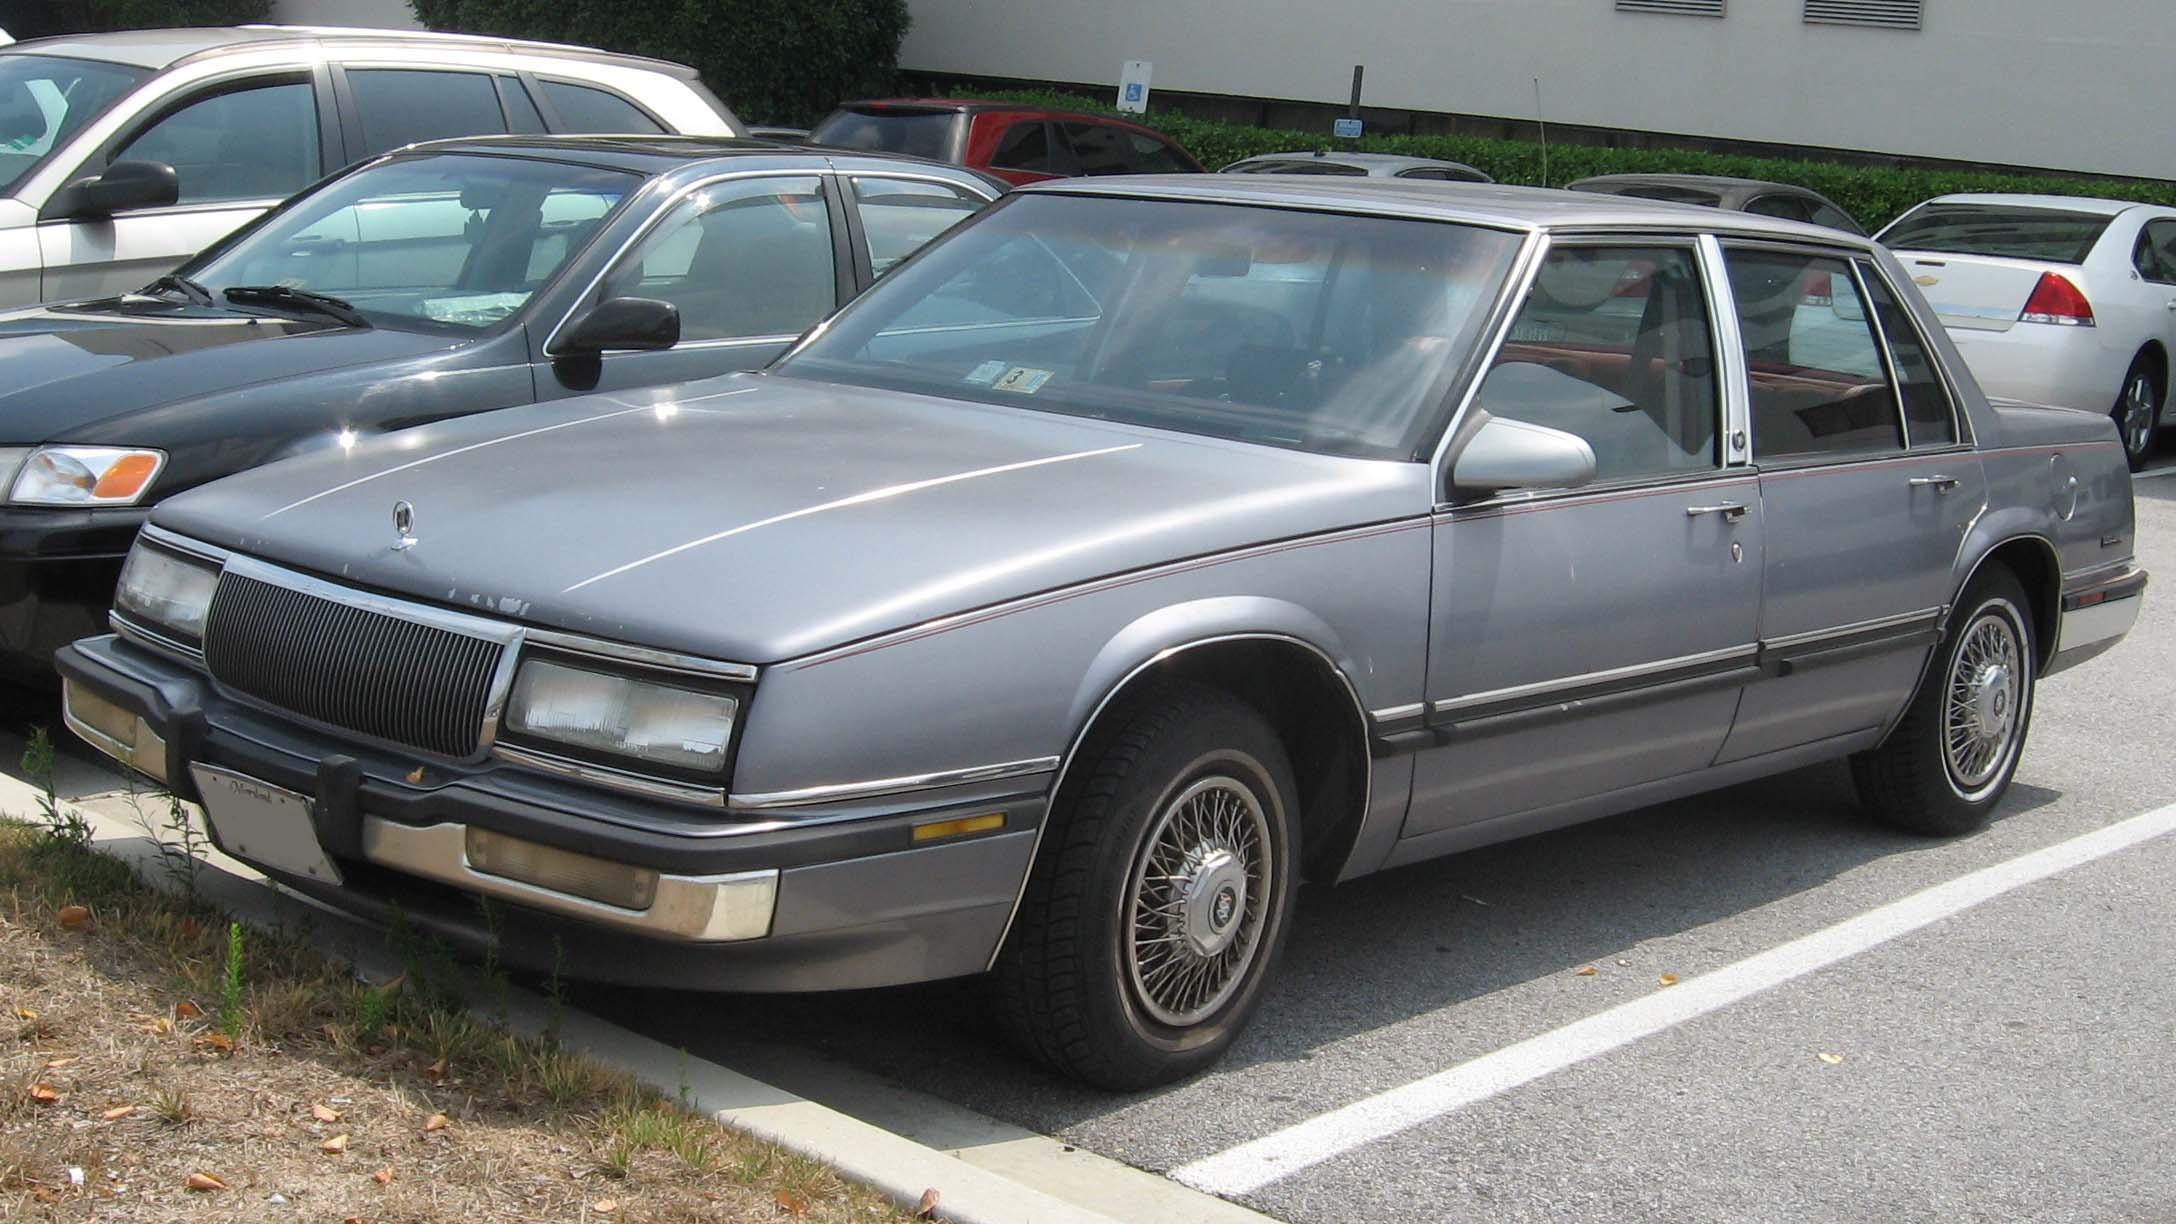 similiar 91 buick lesabre keywords description 1990 91 buick lesabre jpg